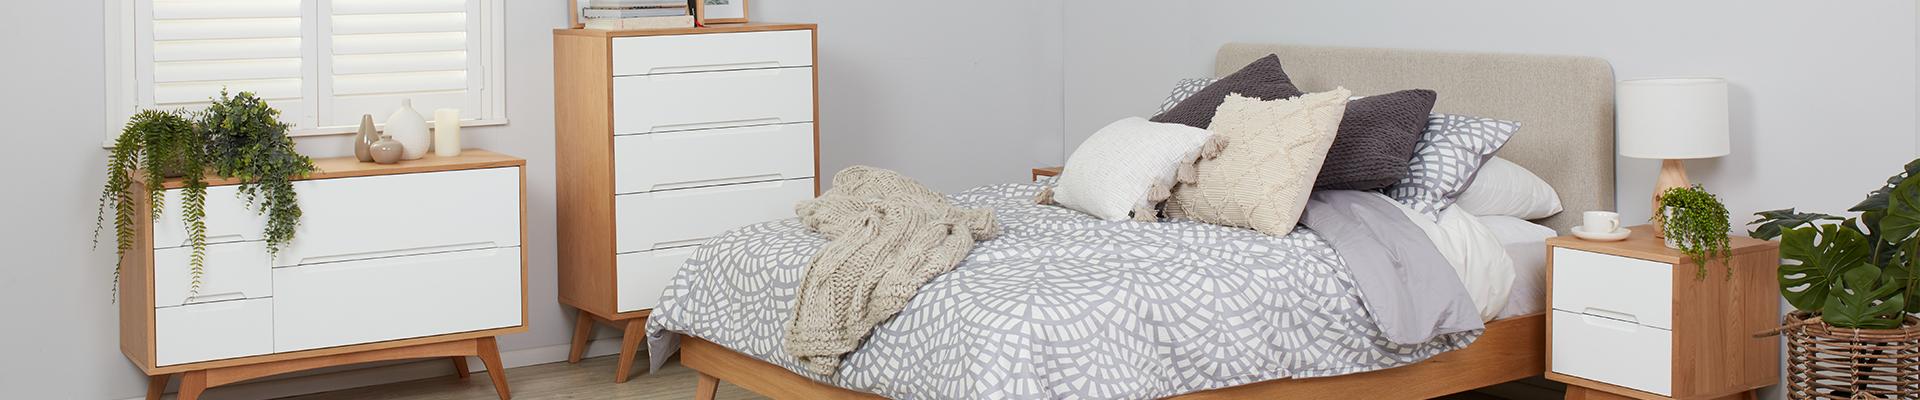 http://www.eastwestdesigns.co.nz/uploads/images/Assembly-Header-Copenhagen.jpg